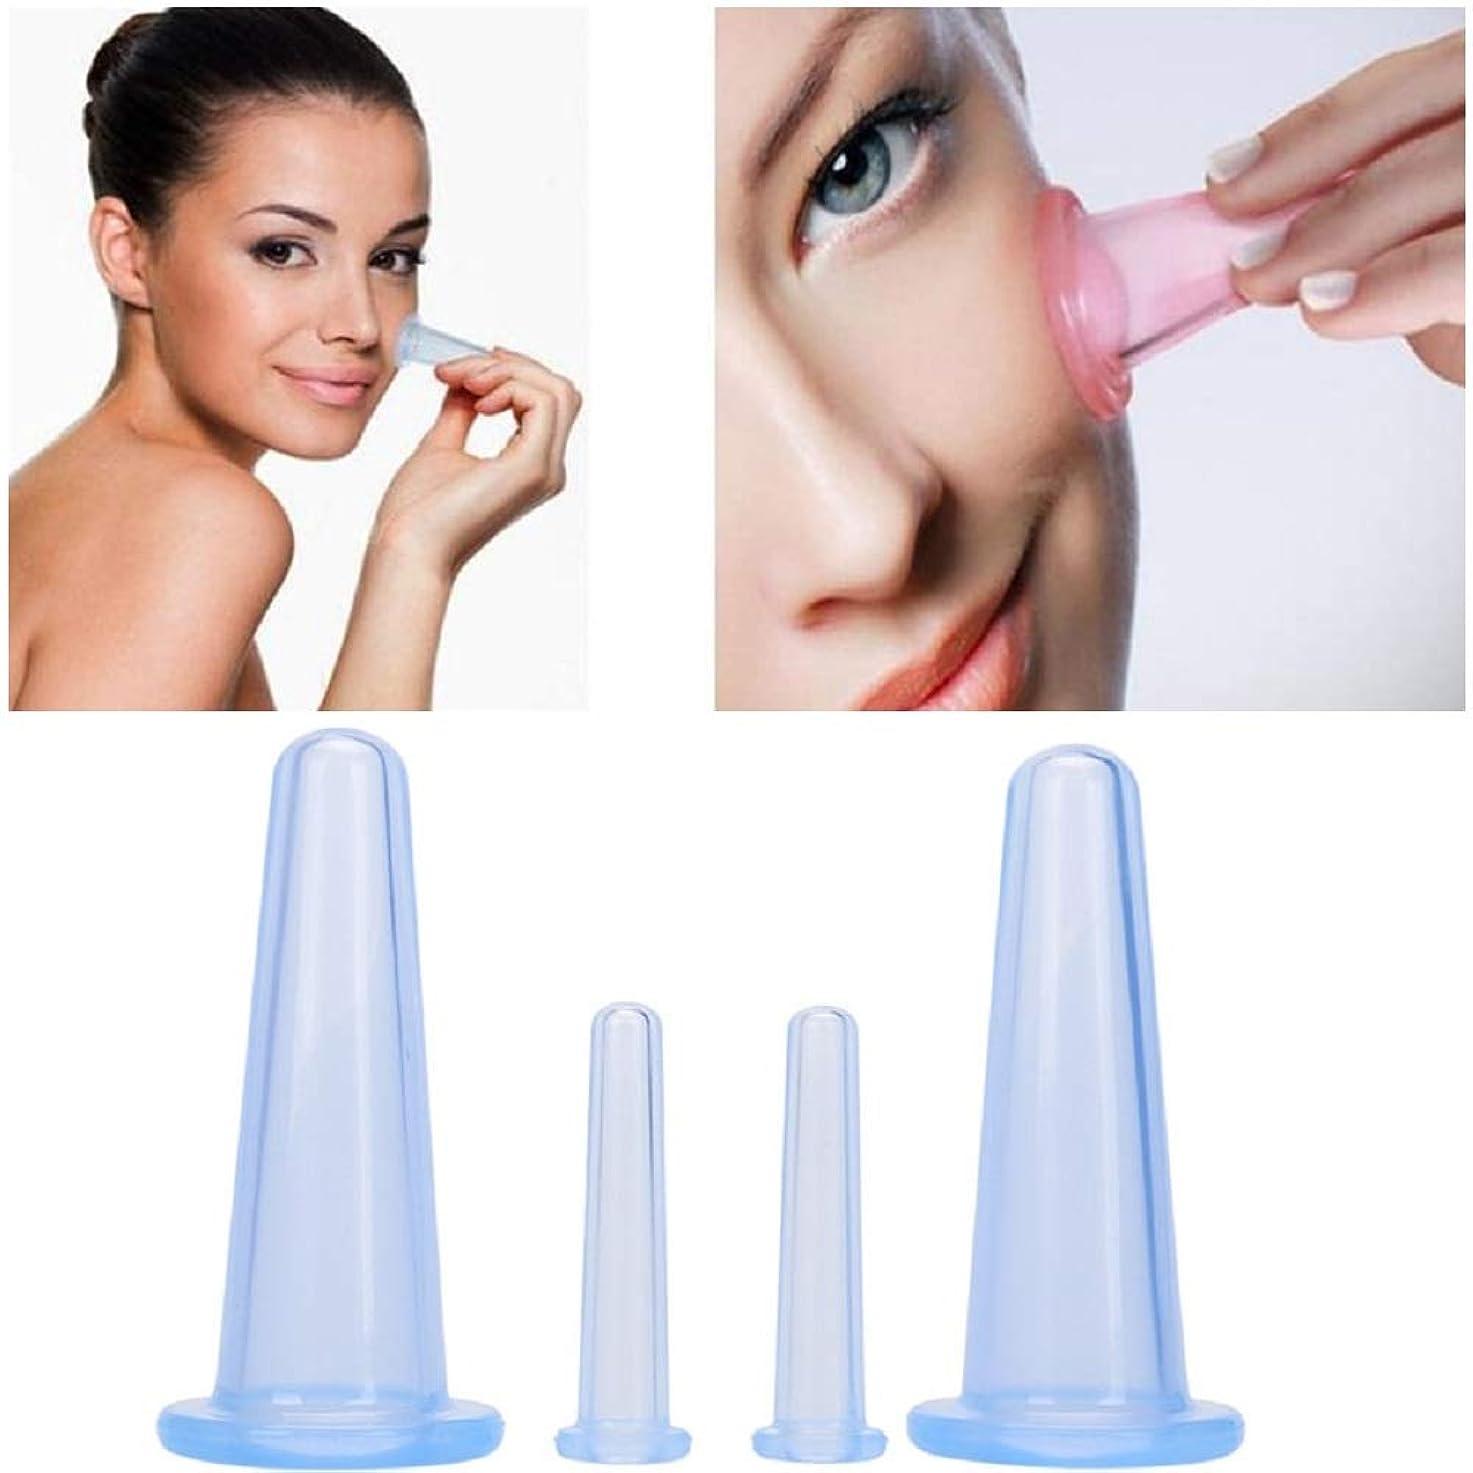 グレードキャベツ暴行4Pcs/set Silicone Facial Massage Cups Mini Eye Face Vacuum Cupping Therapy Beauty Face Lifting Massager シリコーンフェイシャルマッサージカップミニアイフェイス真空ケプリングセラピービューティーフェイスリフティングマッサージャー